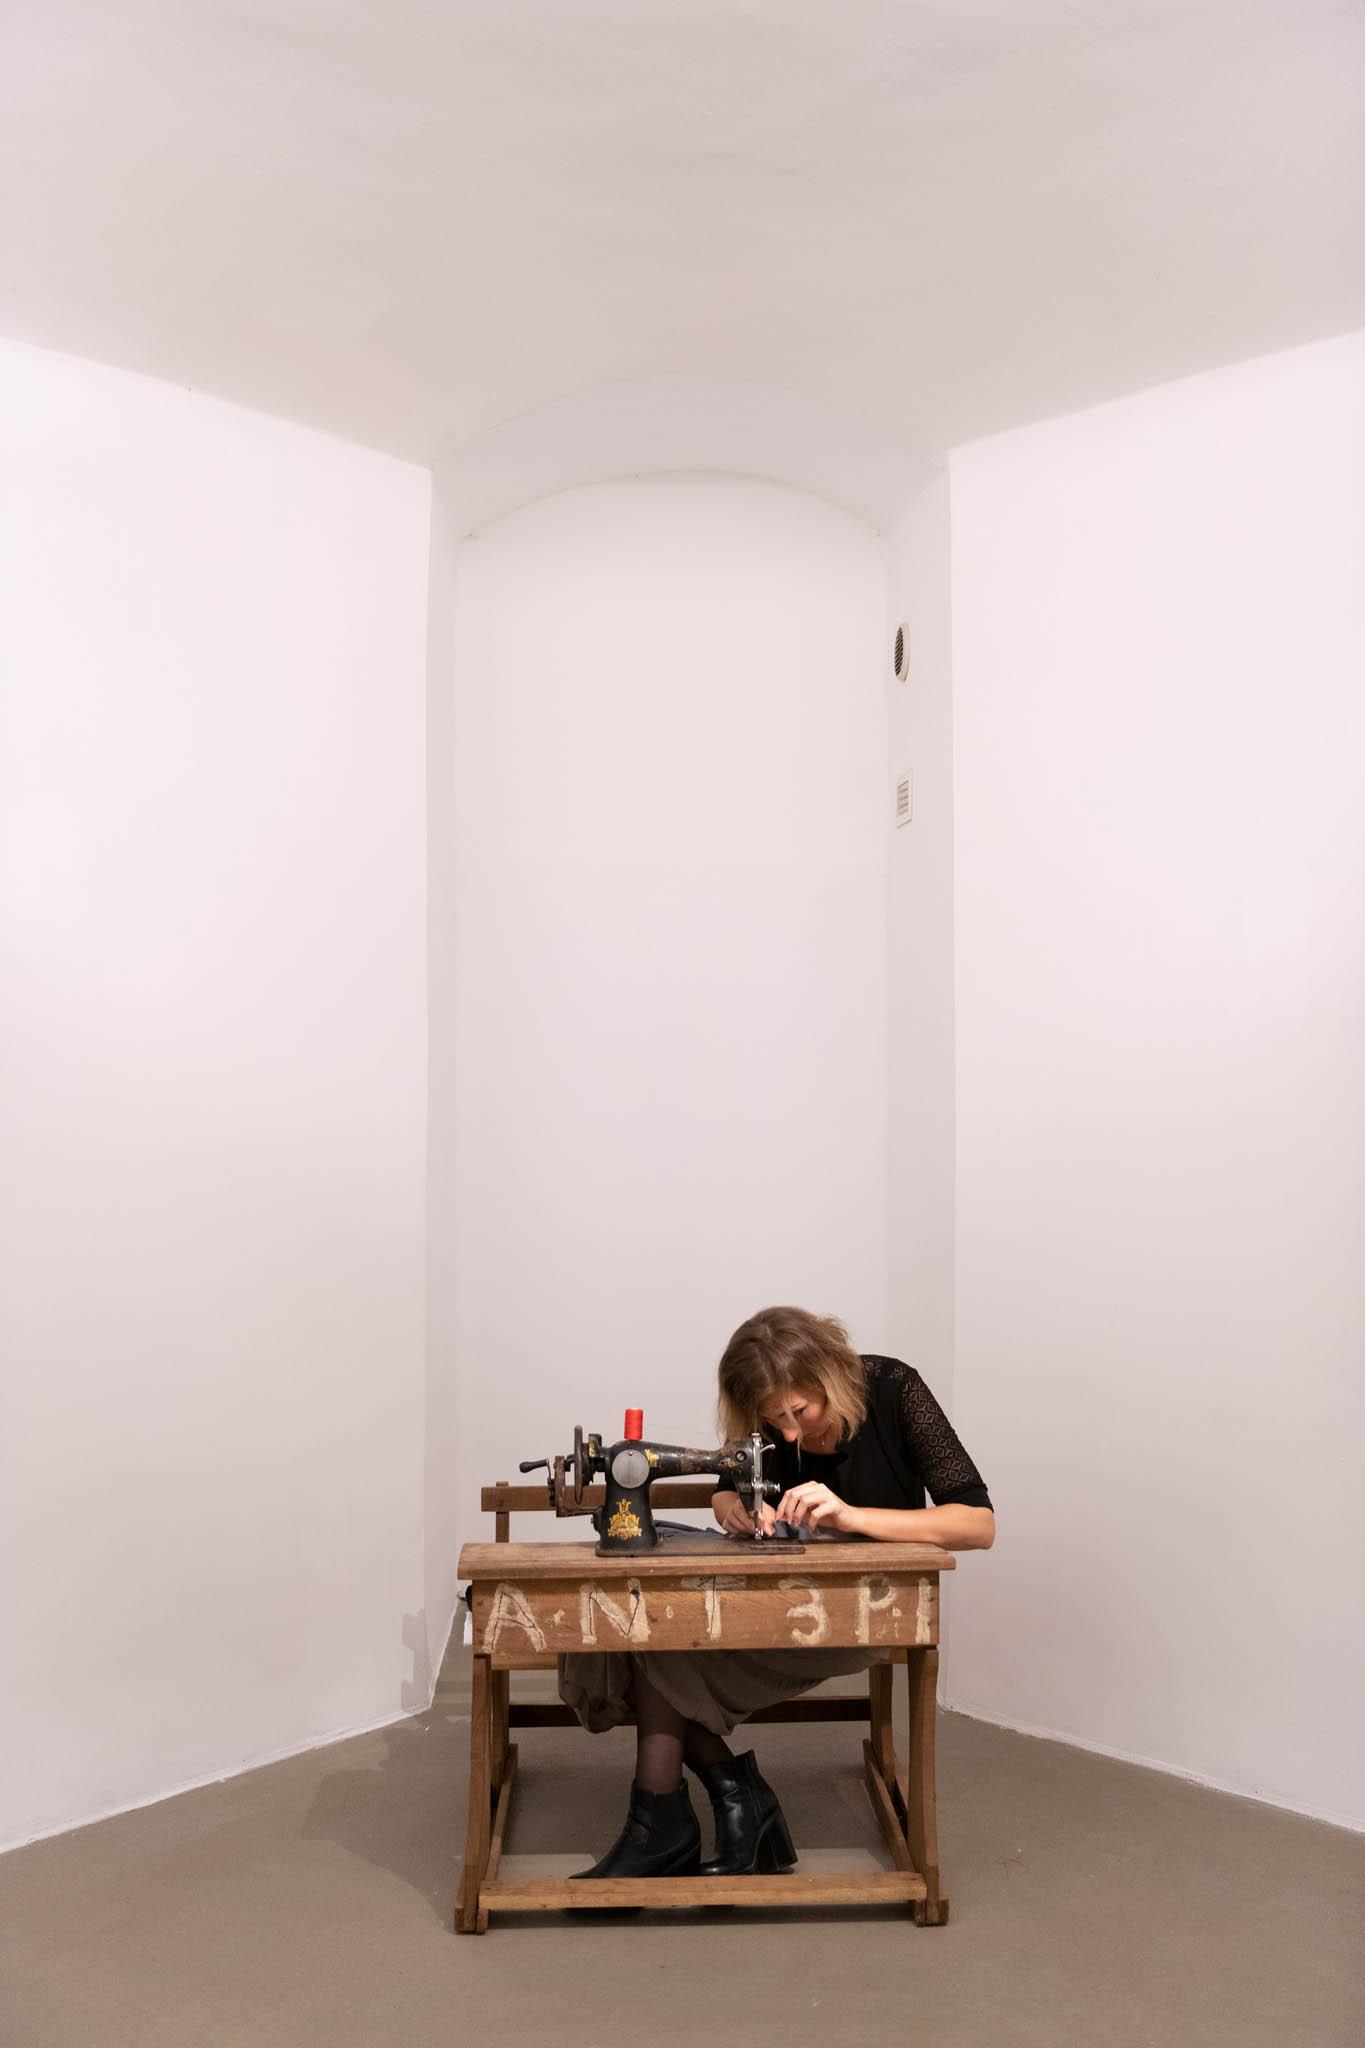 LIVING GRAINS Sewing Man's Dead Dreams, 2019, installation view; foto Giorgio Benni